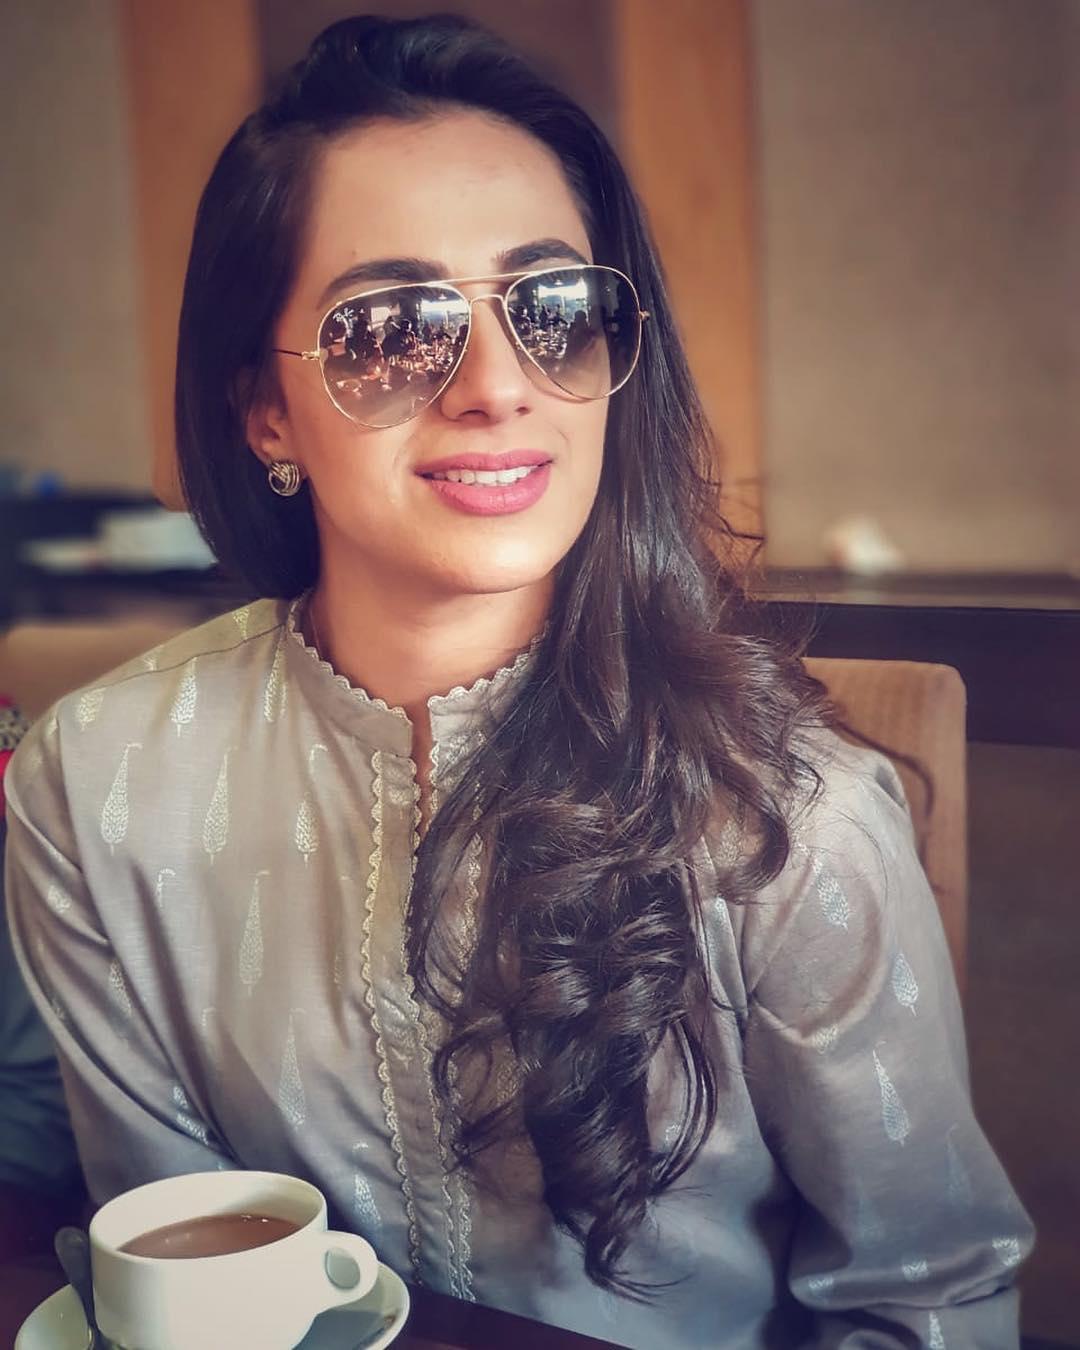 New Photos of Actress Maham Amir wih her Husband Faizan Sheikh